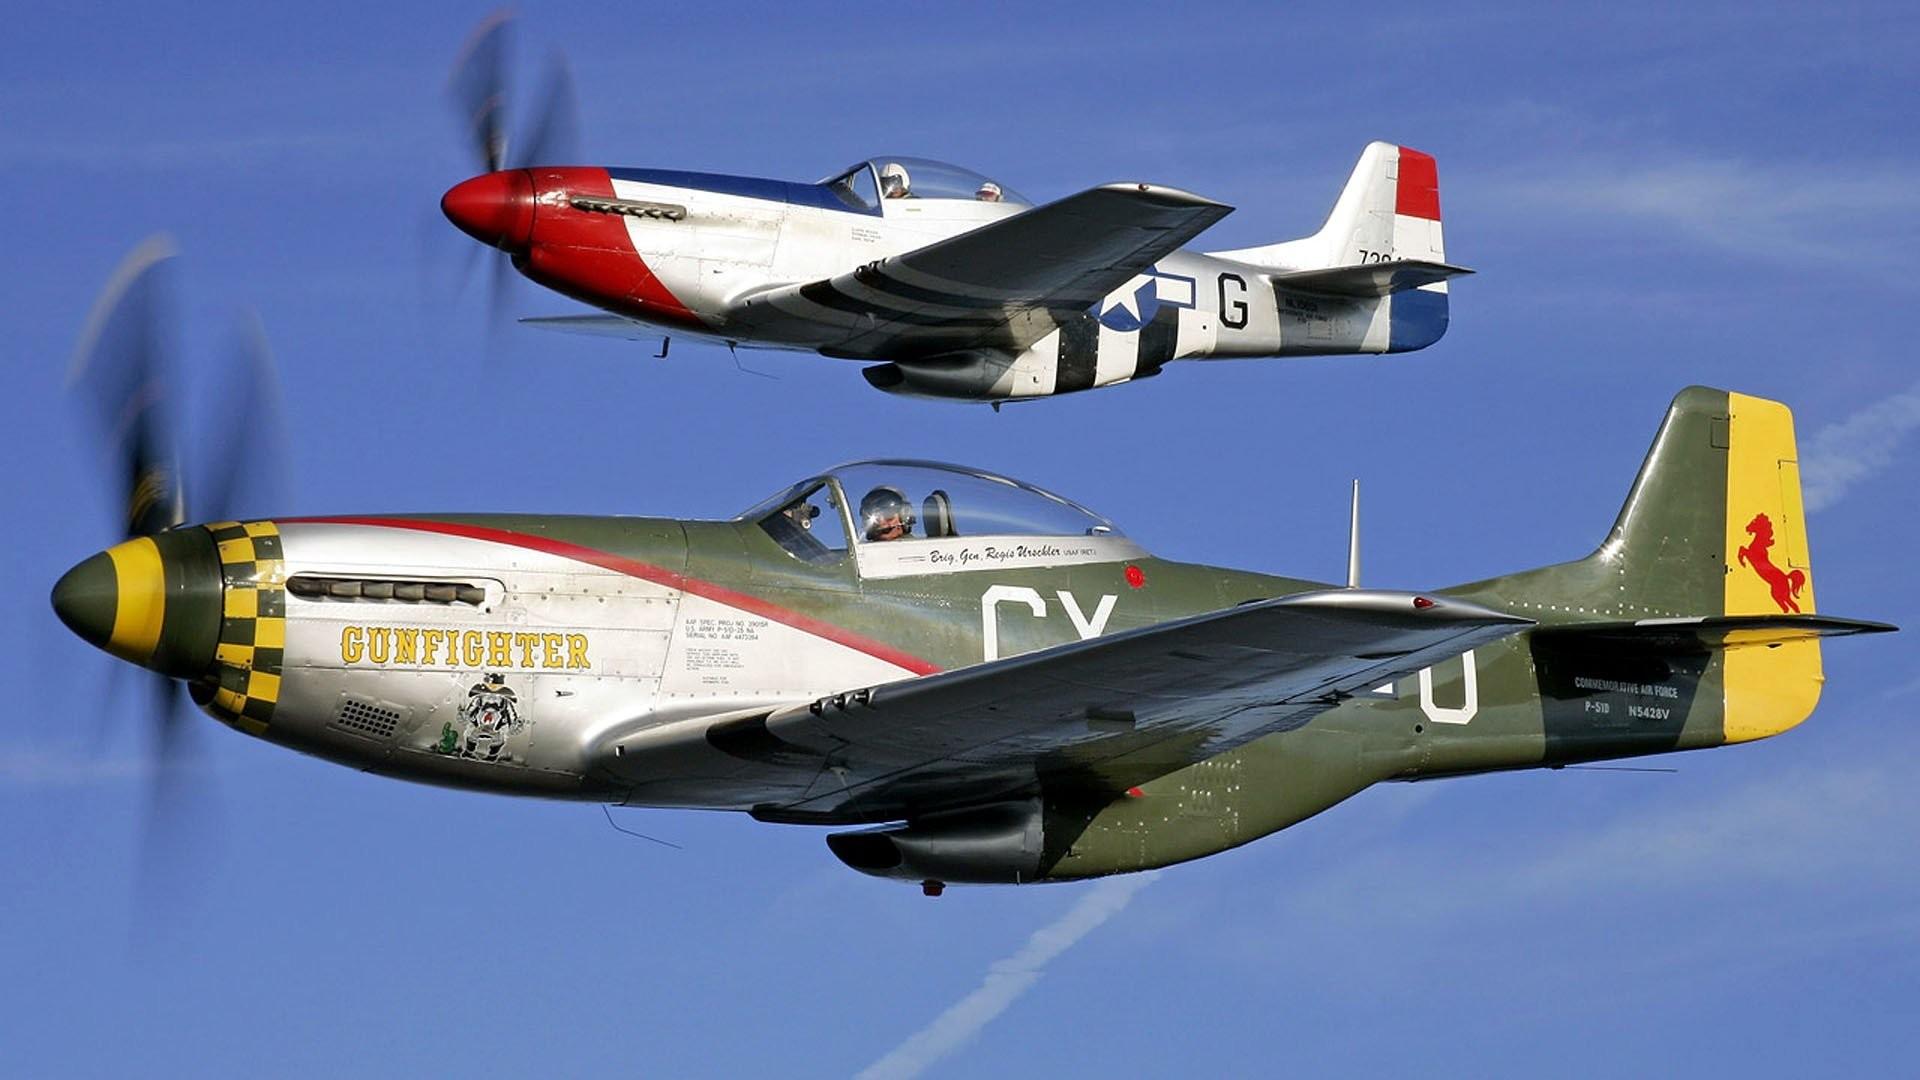 Aircraft military World War II Warbird fighters wallpaper      339515   WallpaperUP